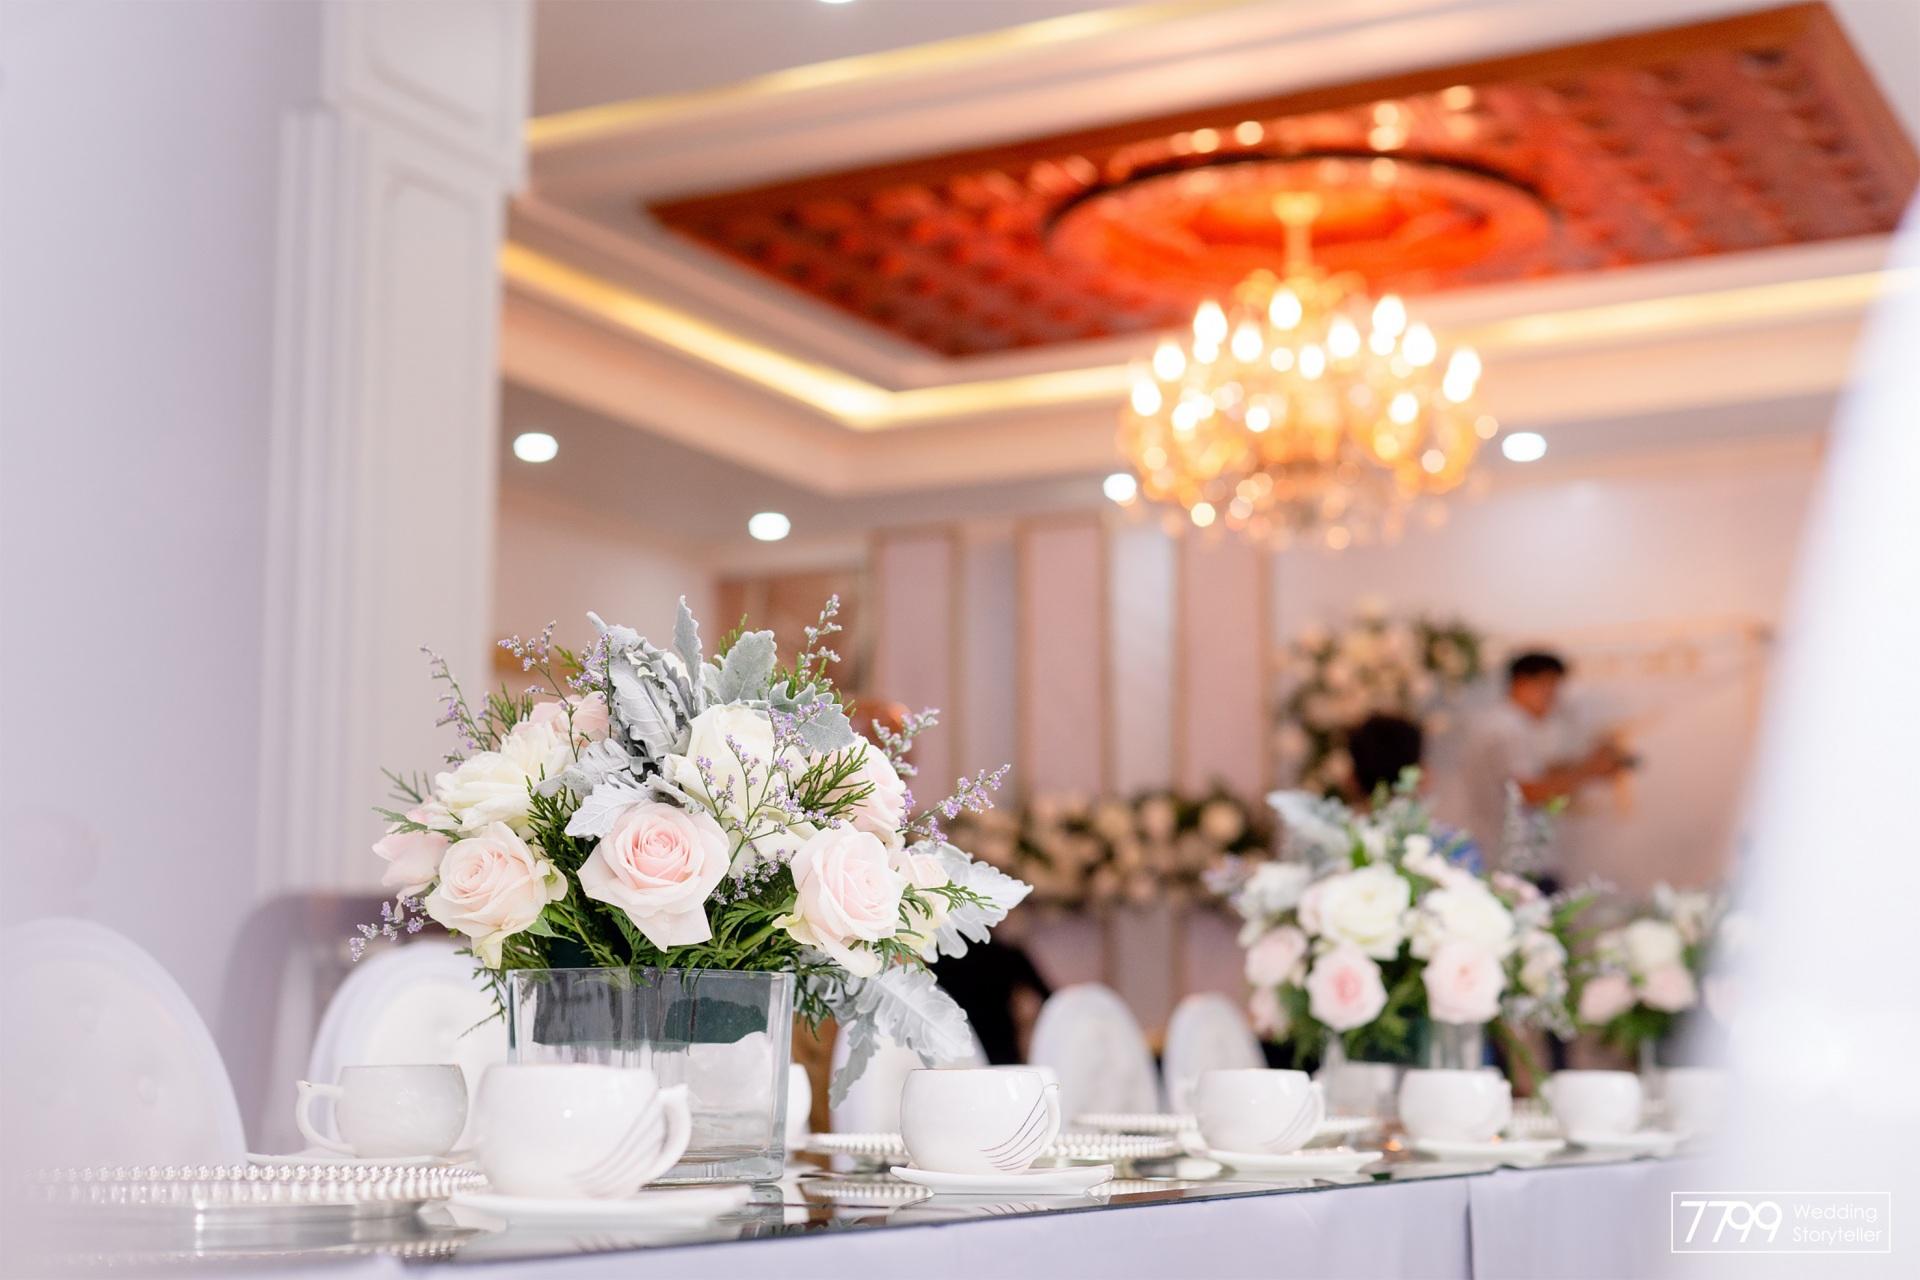 Xu hướng trang trí đám cưới 2019 - 2020